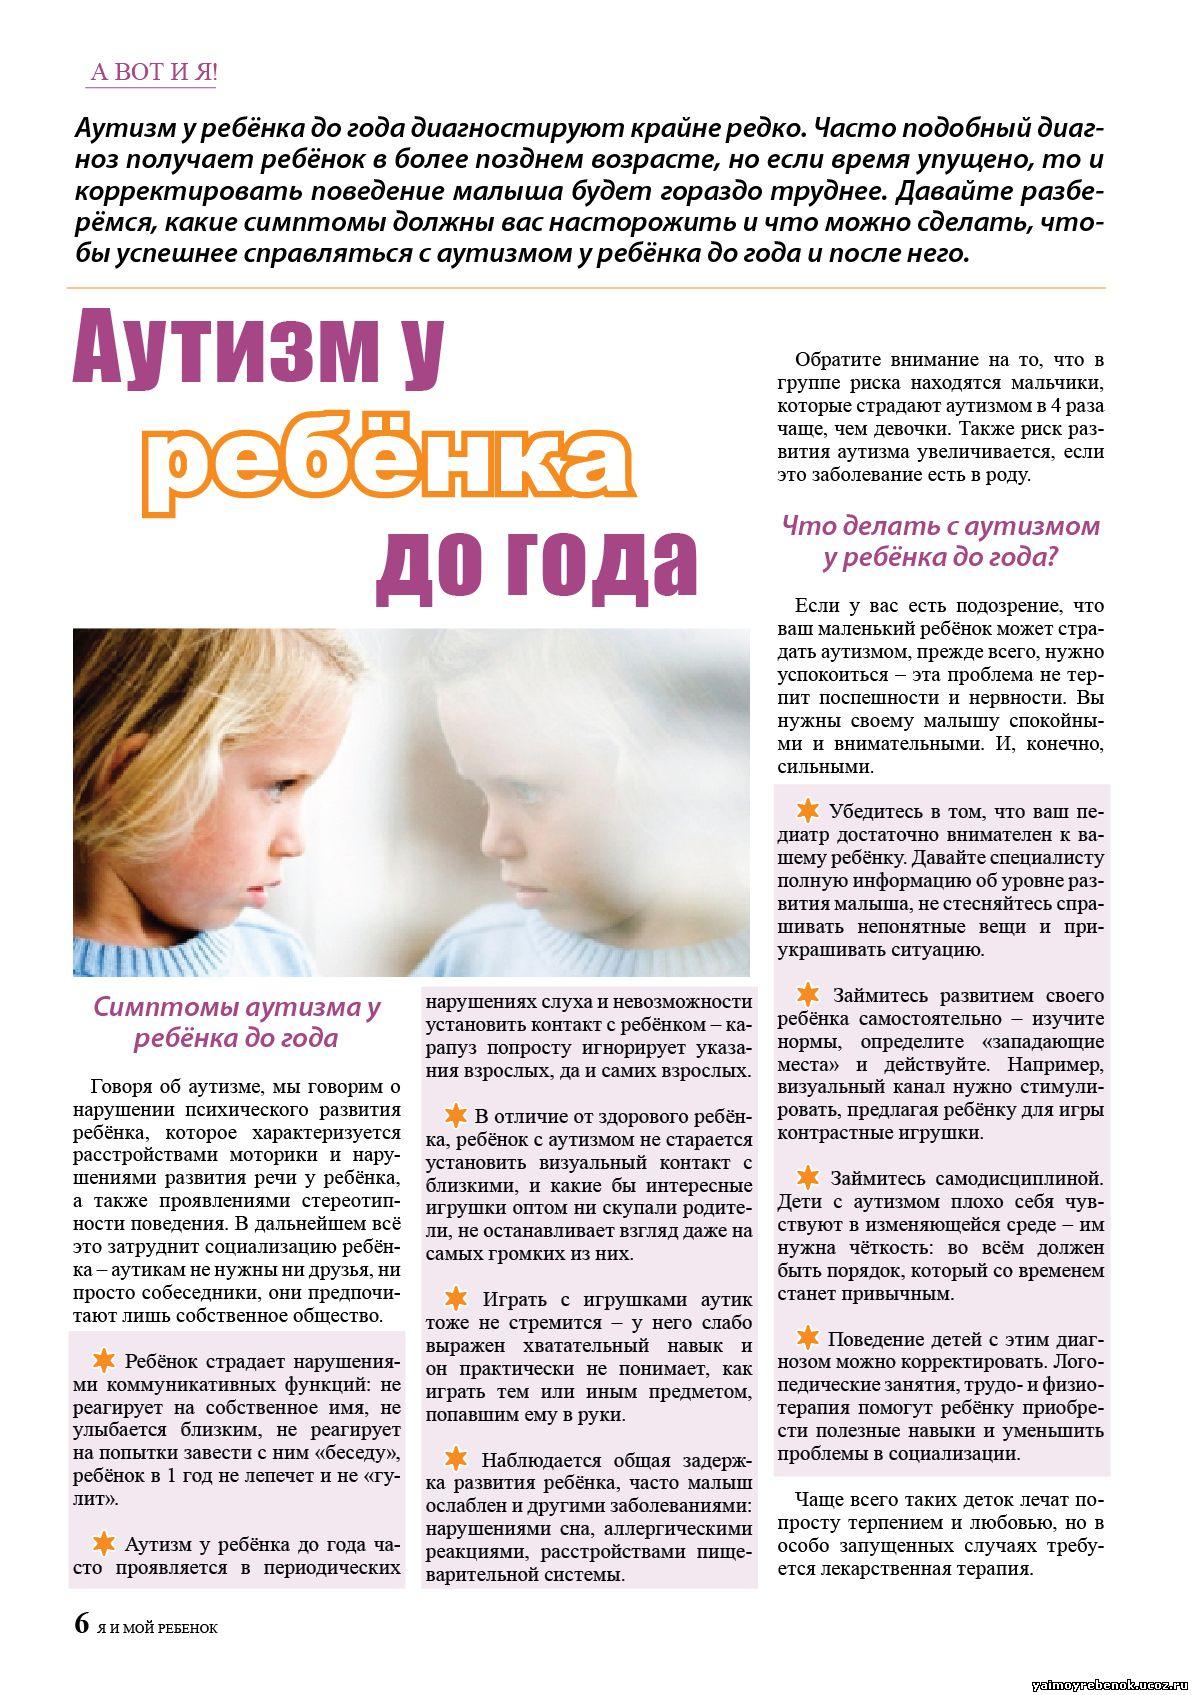 максимально удобный, аутизм у детей симптомы метро Теплый